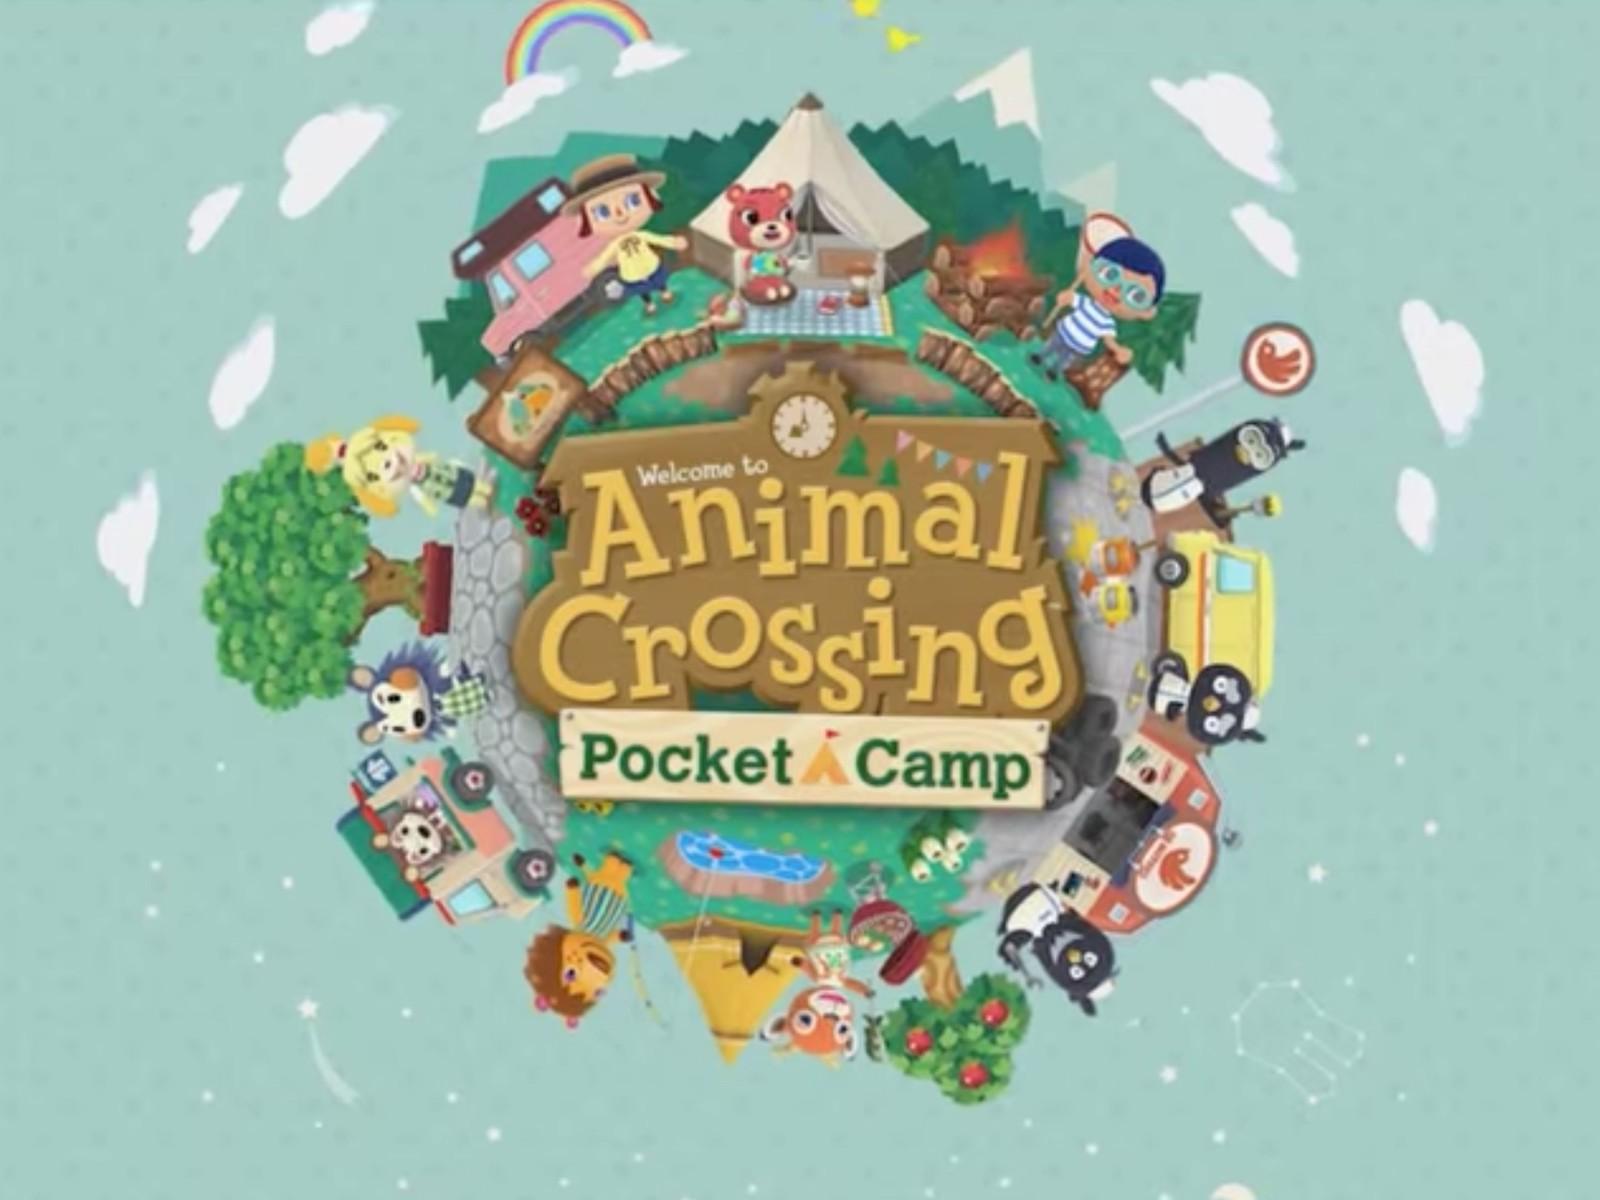 Animal-Crossing-Pocket-Camp_0.jpg